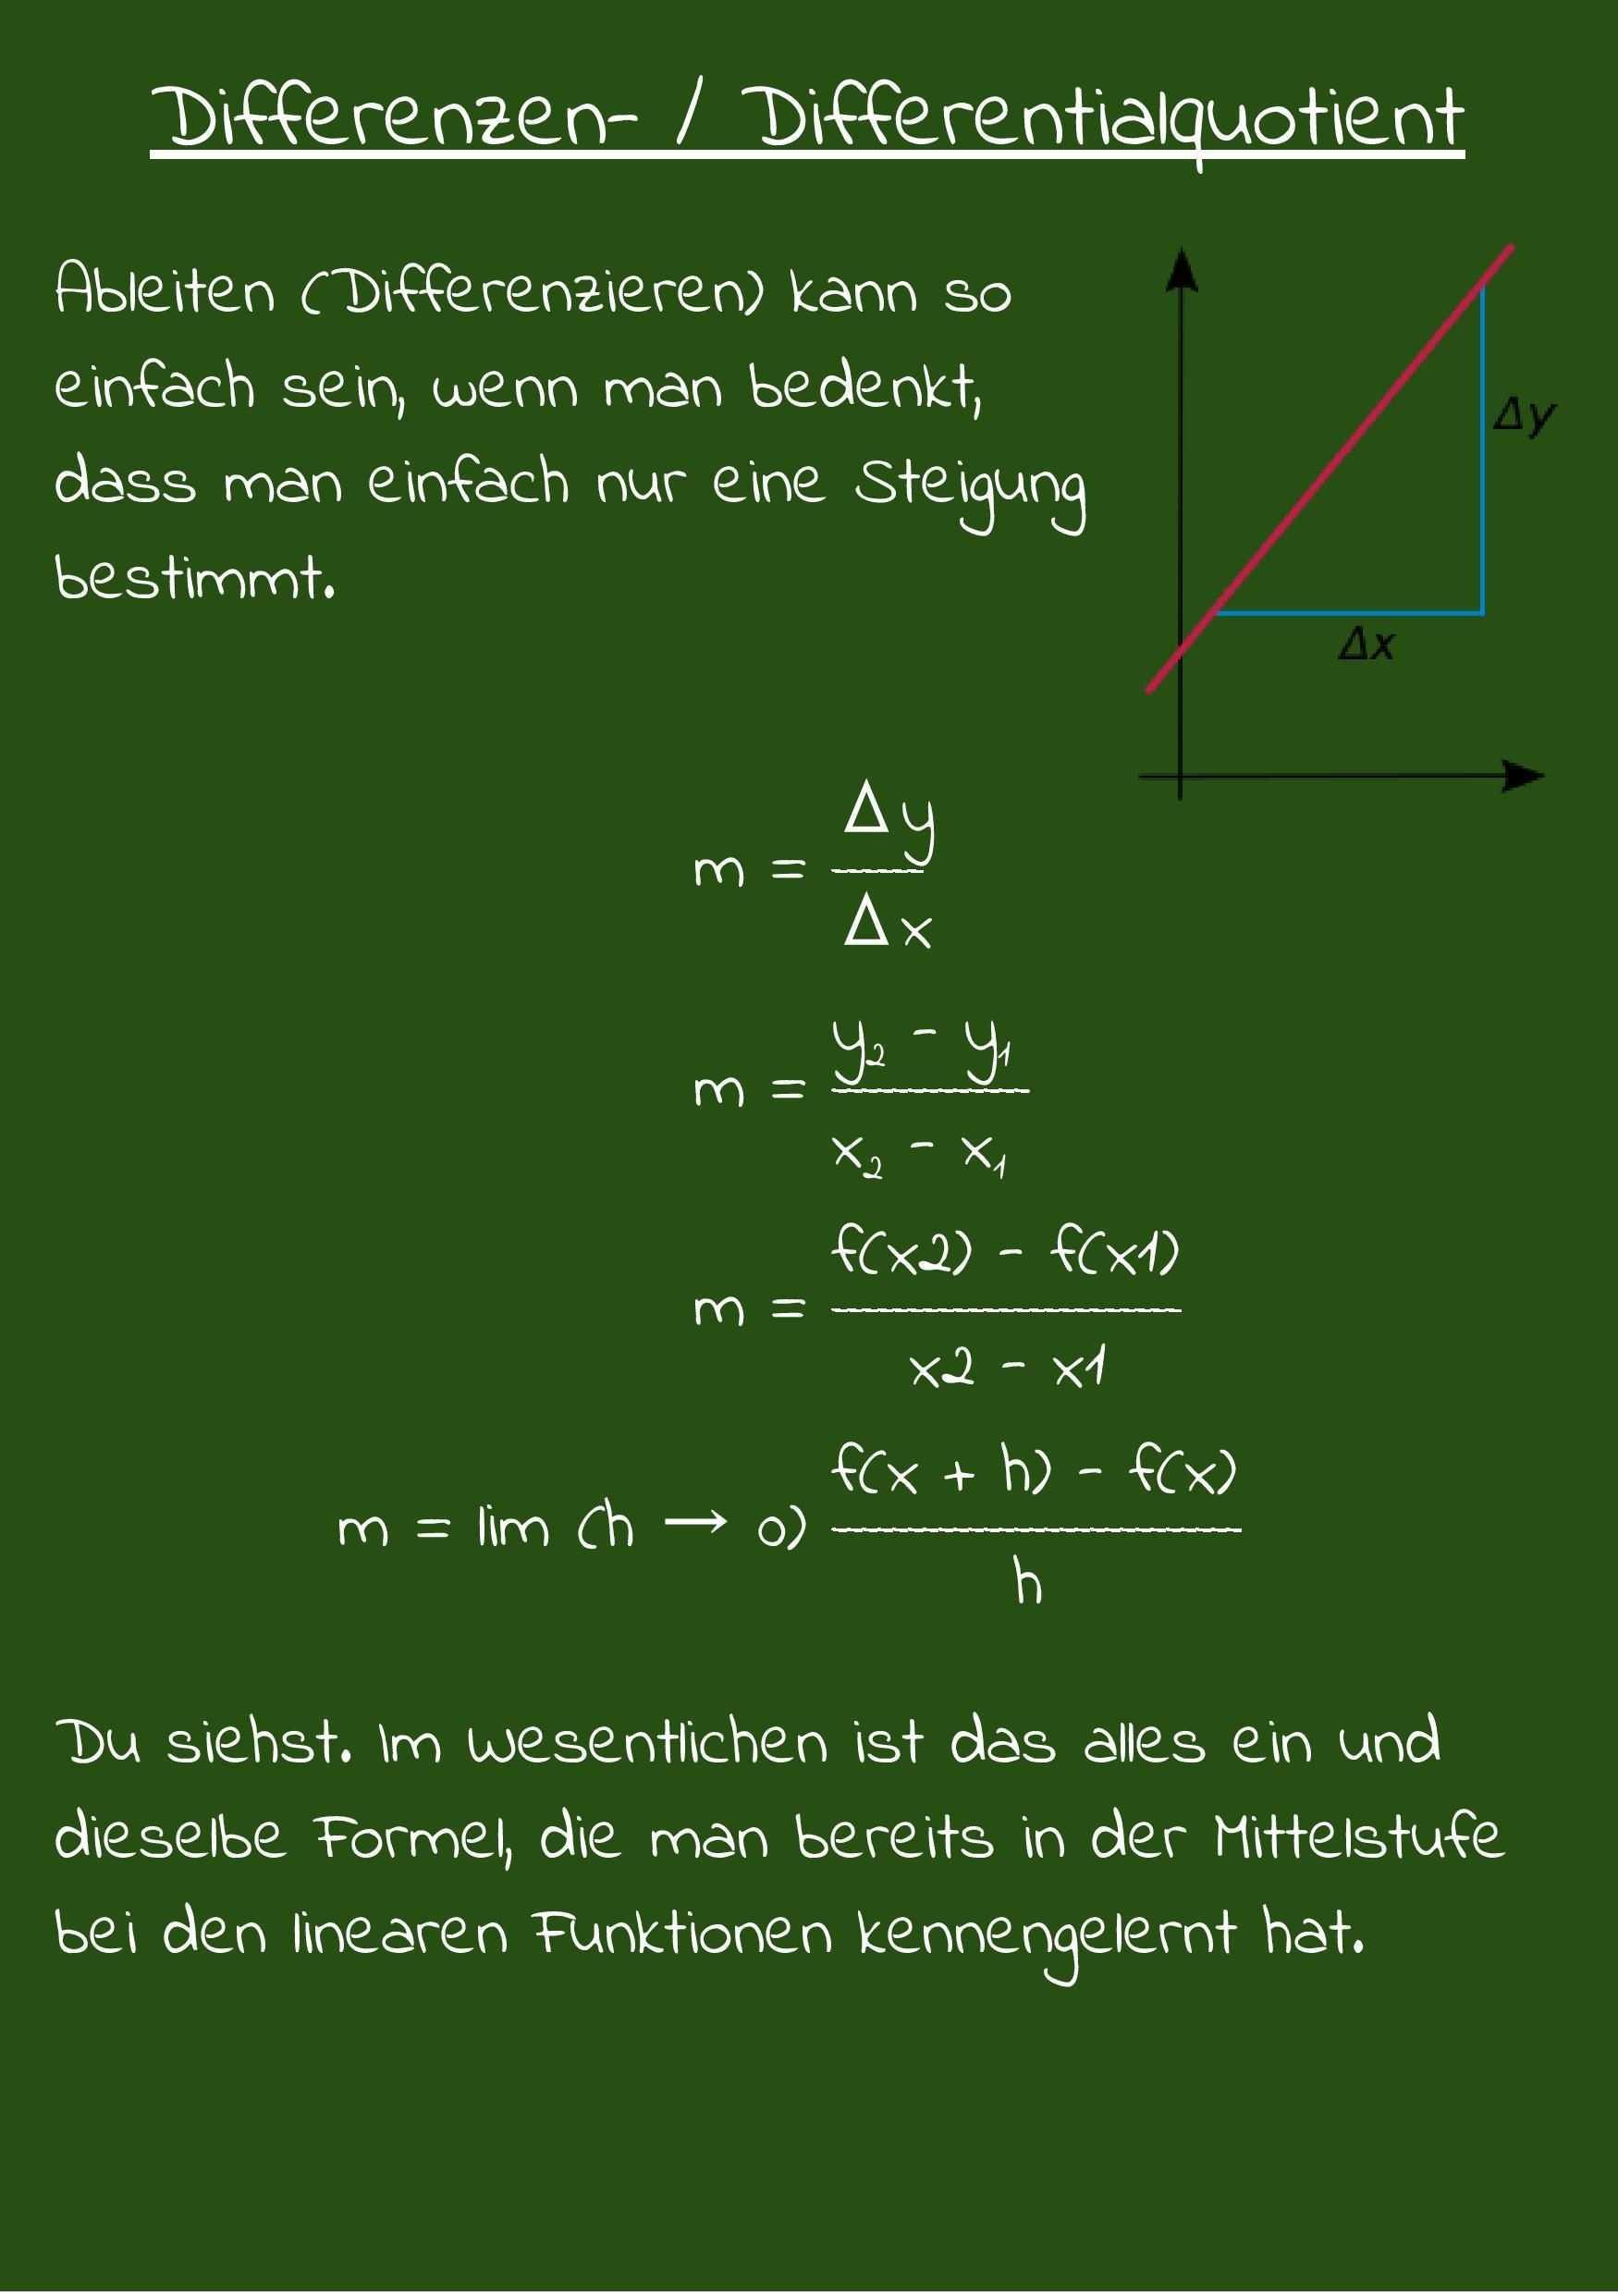 Differenzenquotient Und Differentialquotient Mathematik Lernen Mathe Unterrichten Mathe Abitur